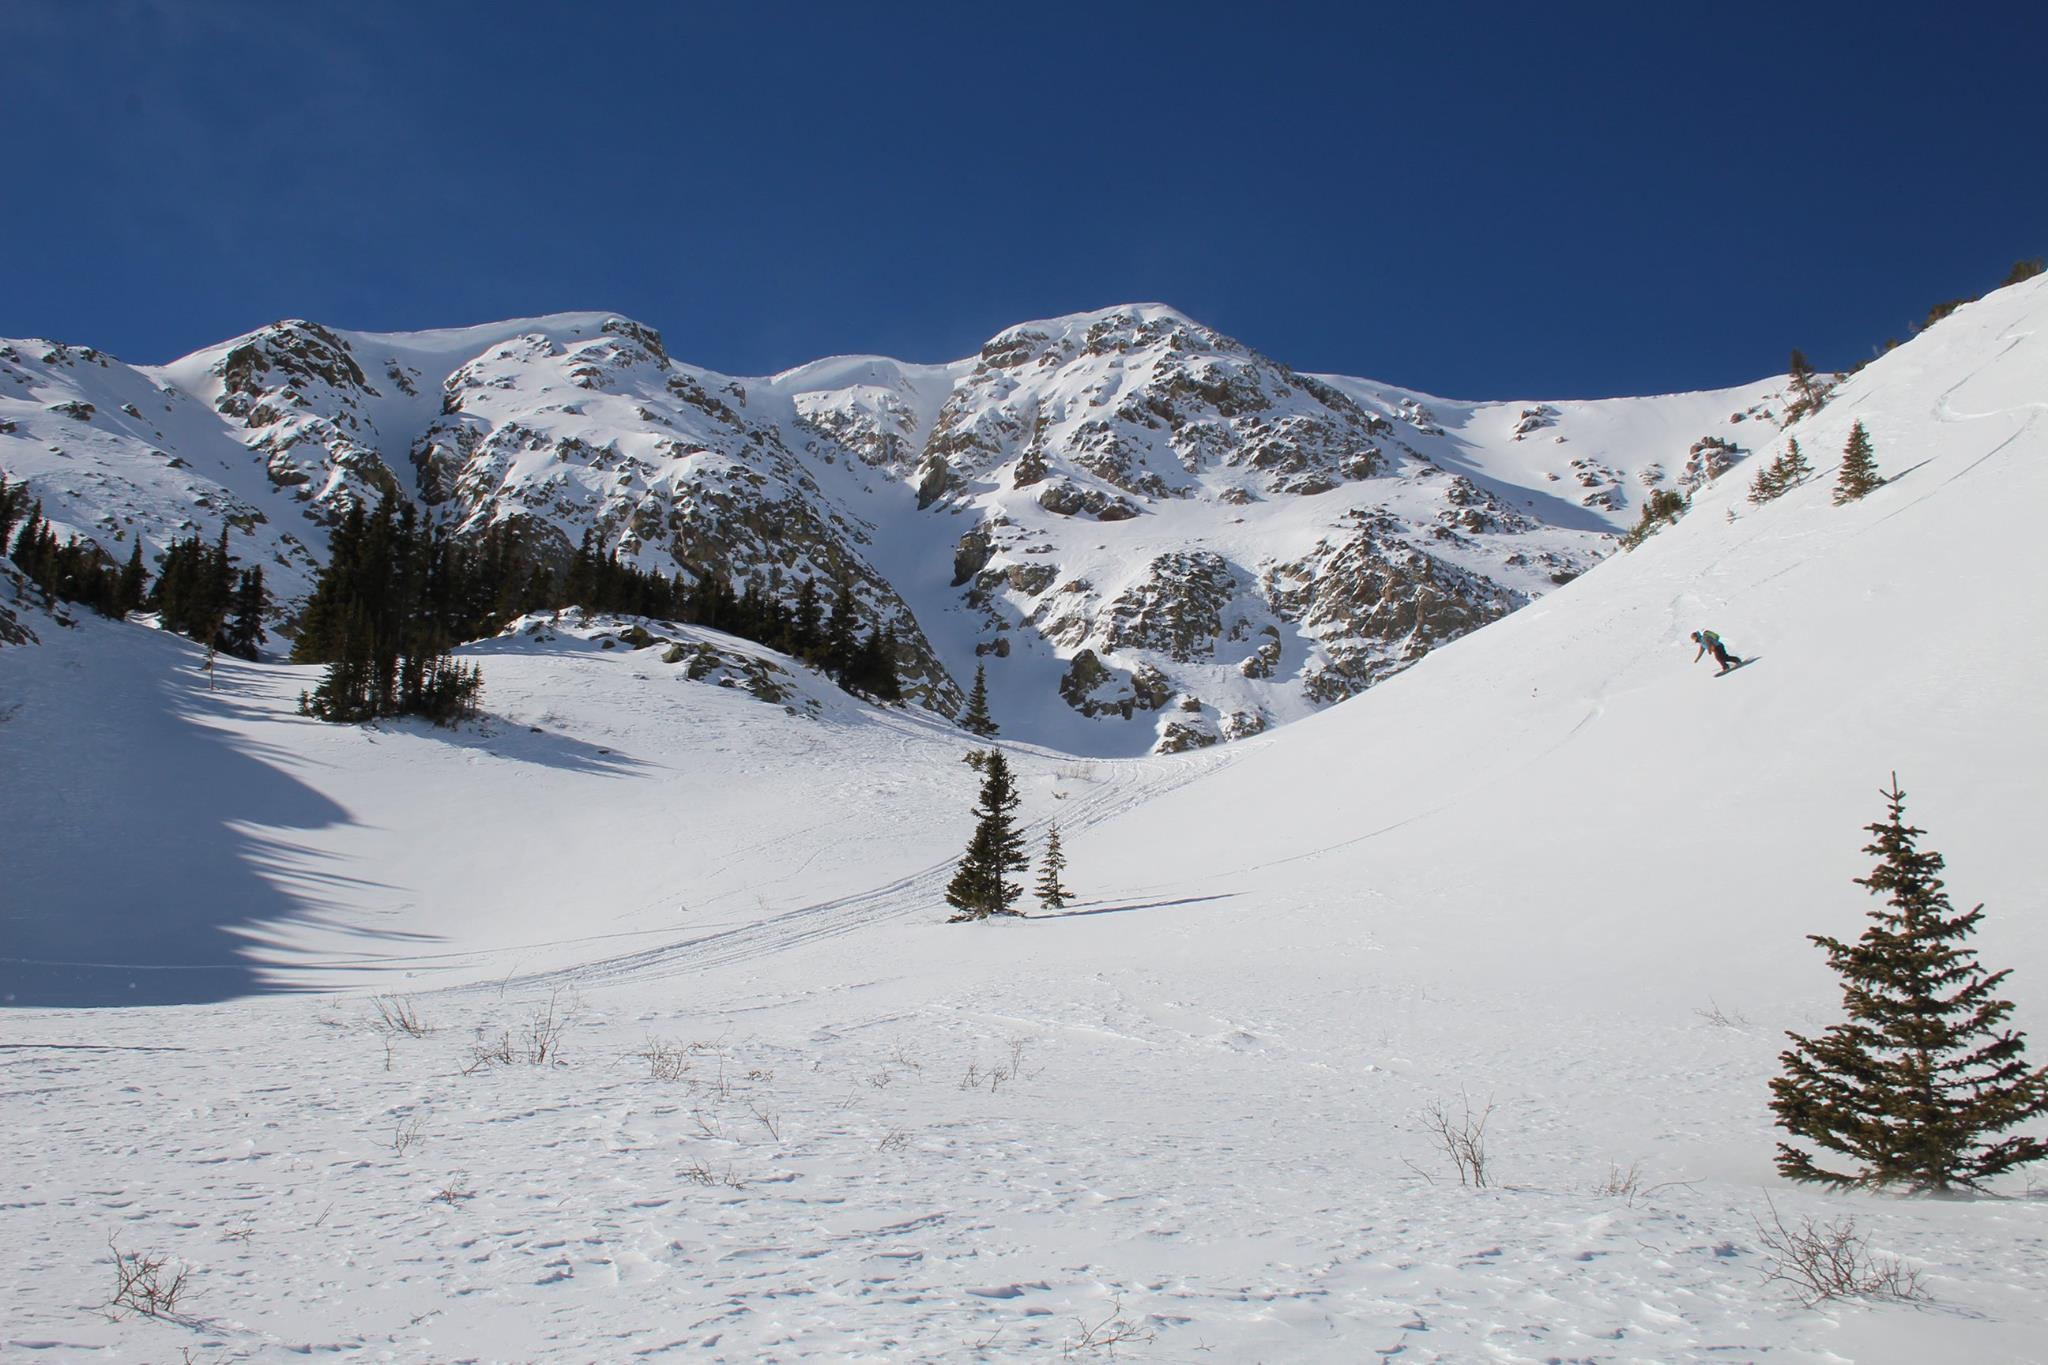 backcountry snow school rocky mountain outdoor center